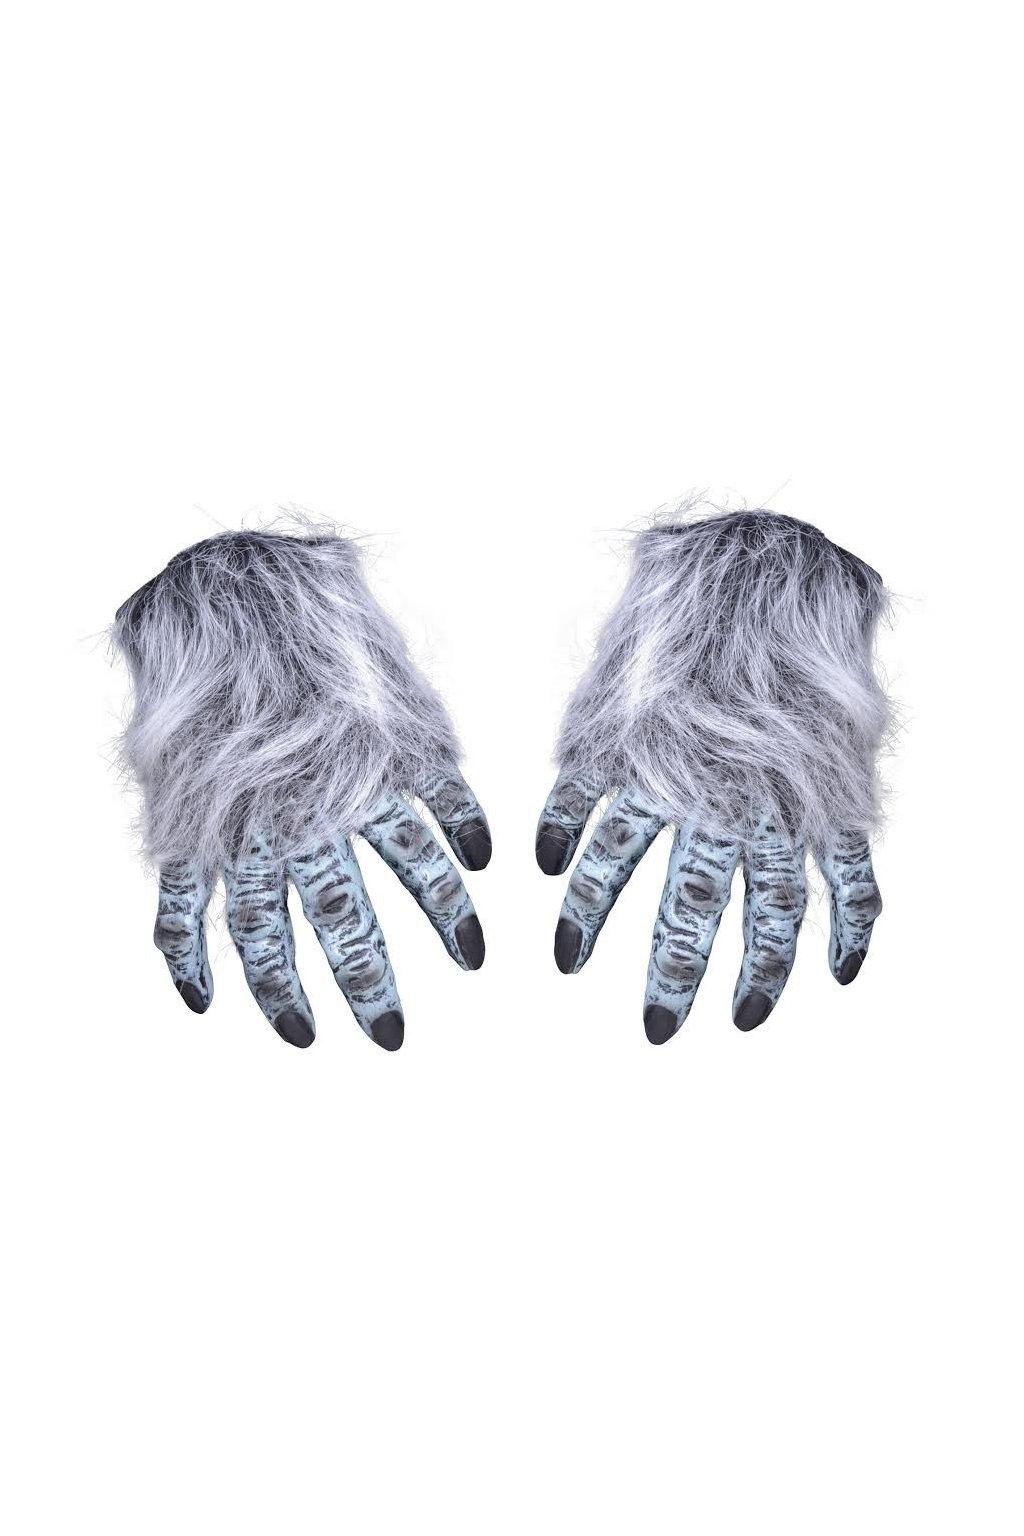 chlupaté ruce - Bílý chodec White